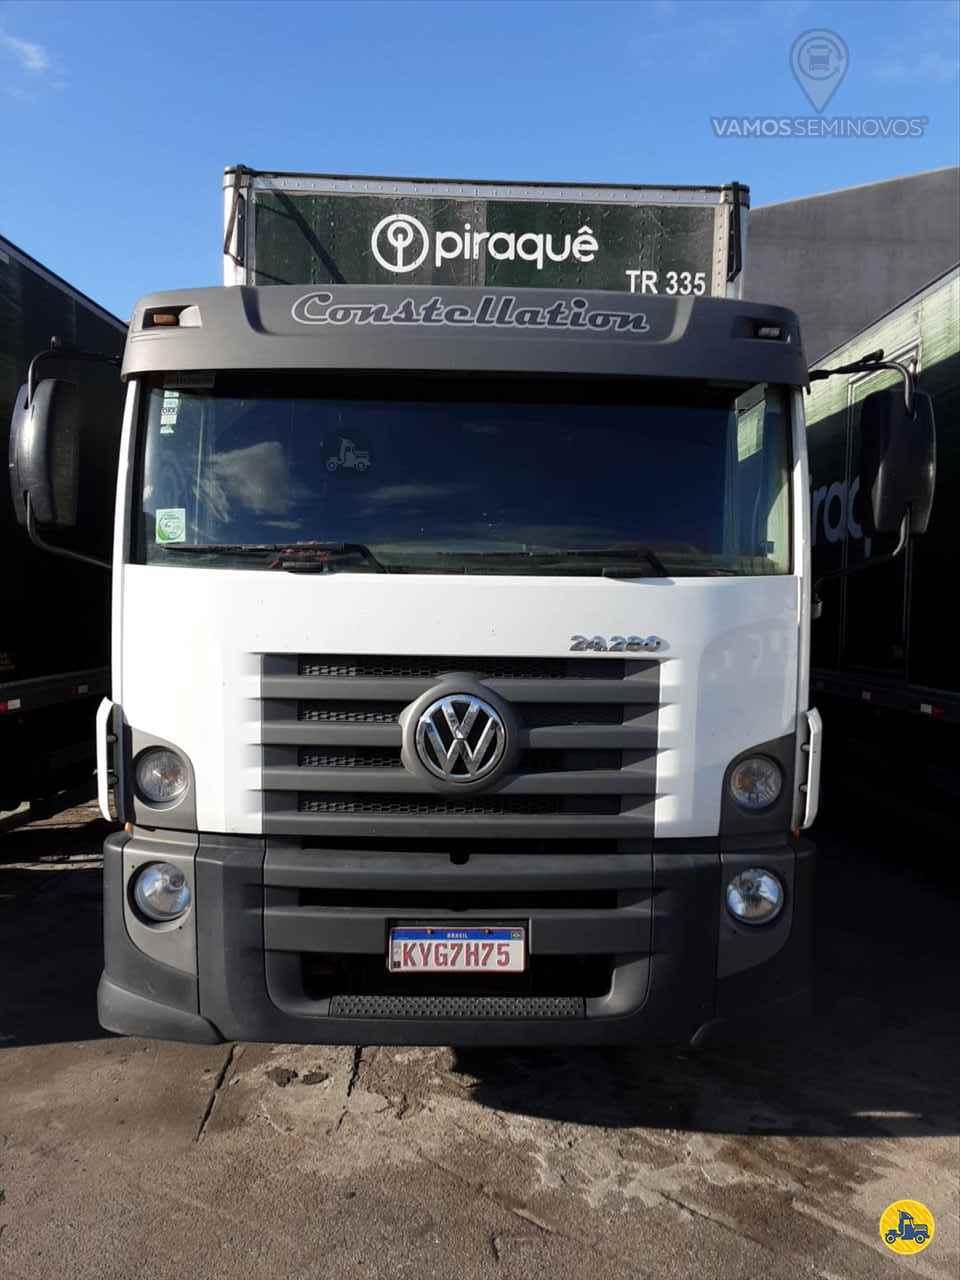 CAMINHAO VOLKSWAGEN VW 24280 Baú Furgão Truck 6x2 Vamos Seminovos - Goiânia GOIANIA GOIAS GO